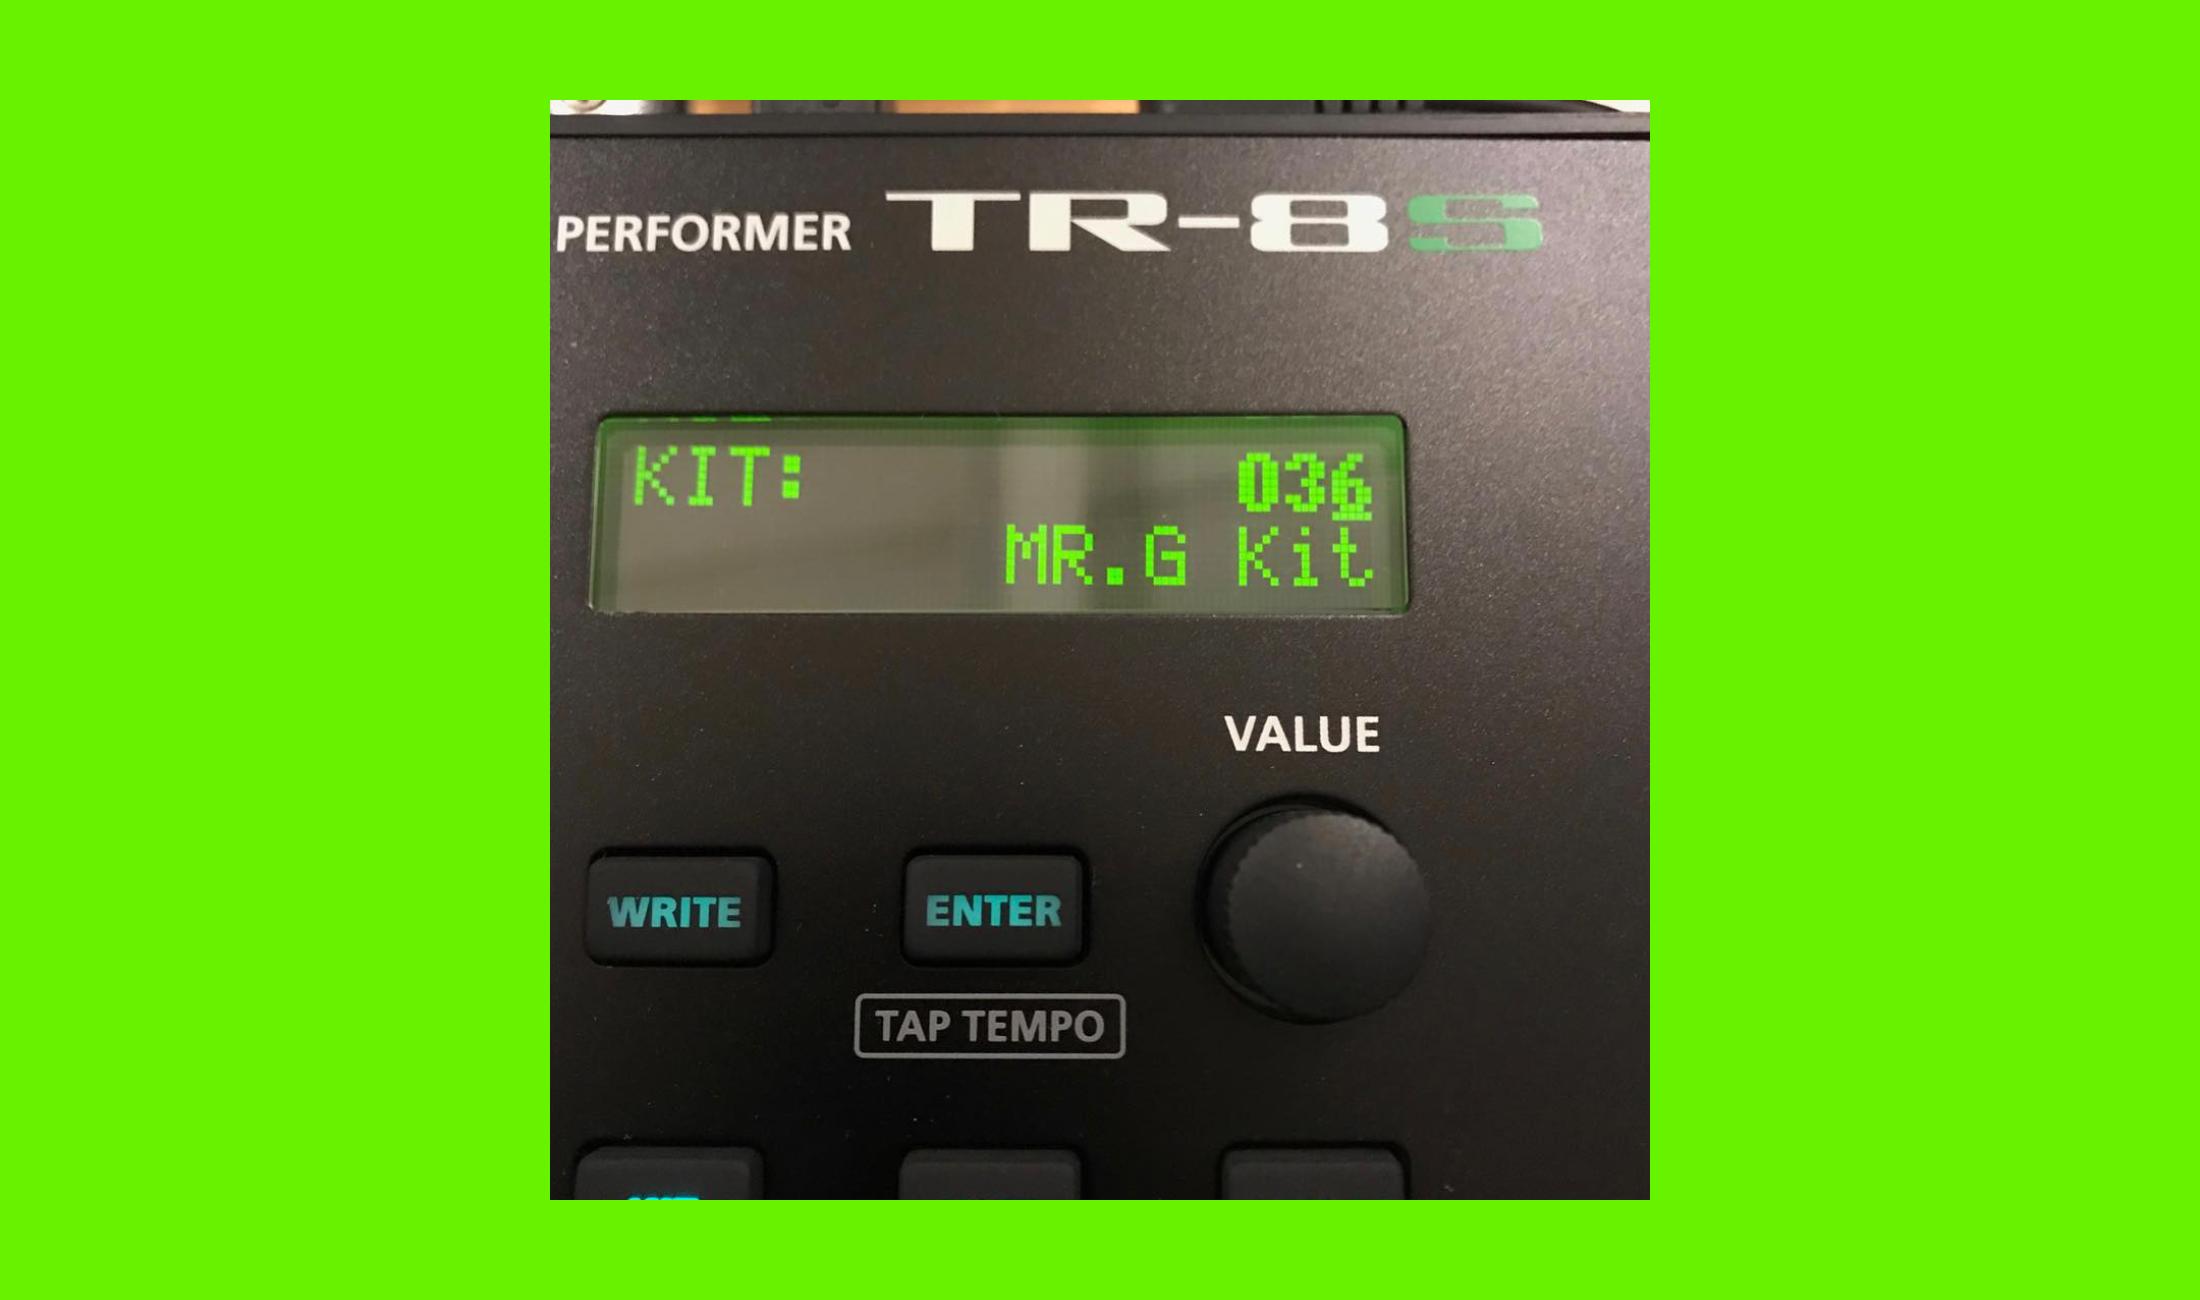 TR-8S-Kit unter seinem Namen: Mr. G beschwert sich über Roland